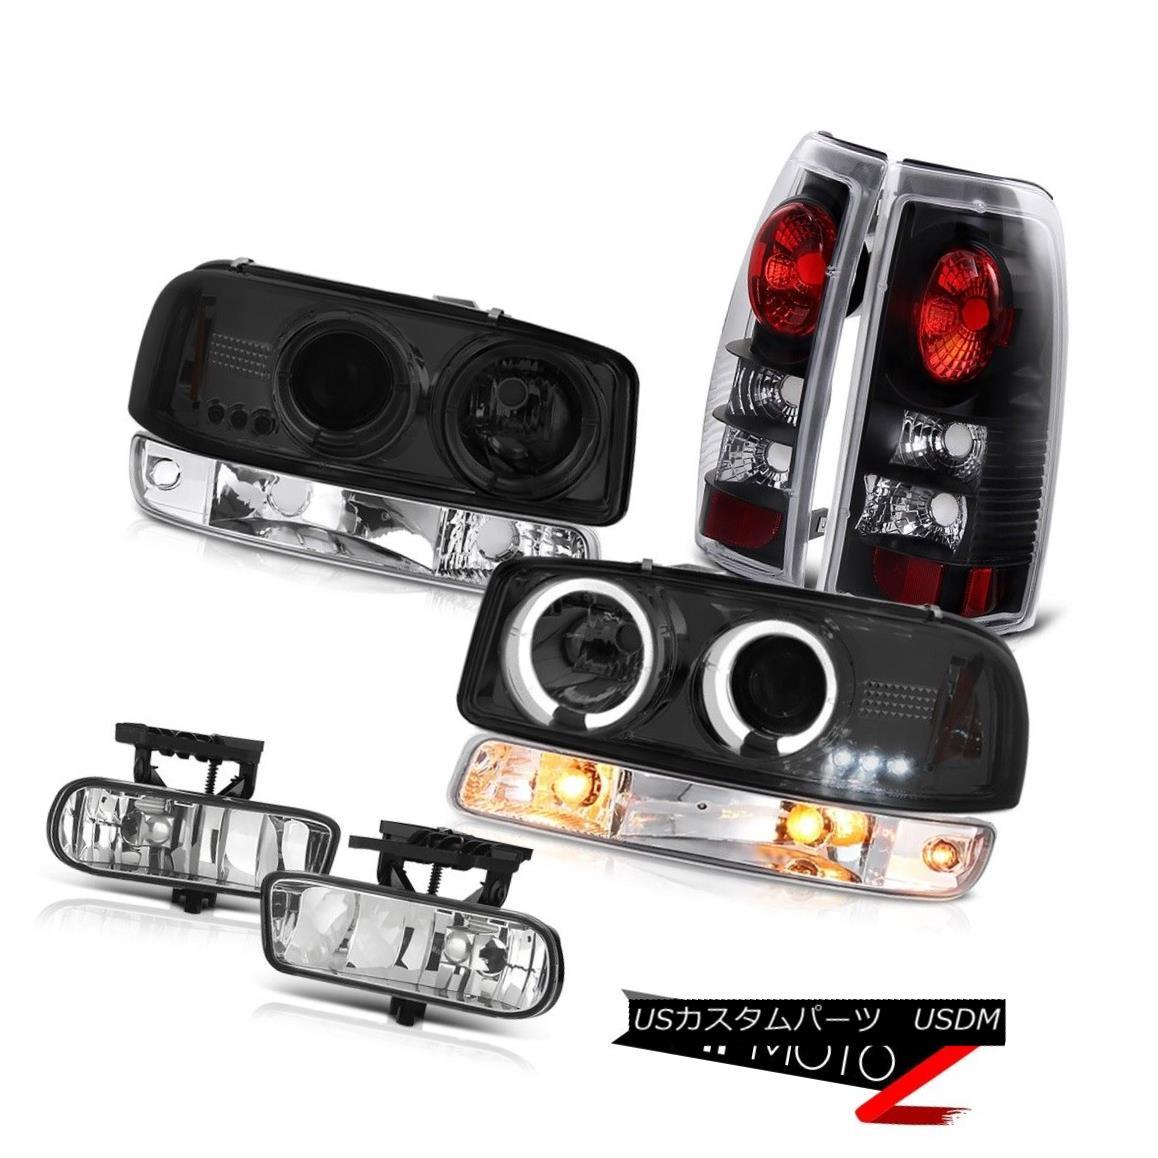 ヘッドライト 99-02 Sierra 5.3L Fog lamps inky black taillamps bumper lamp headlamps Halo Rim 99-02シエラ5.3LフォグランプインクブラックのテールランプバンパーランプヘッドライトHalo Rim